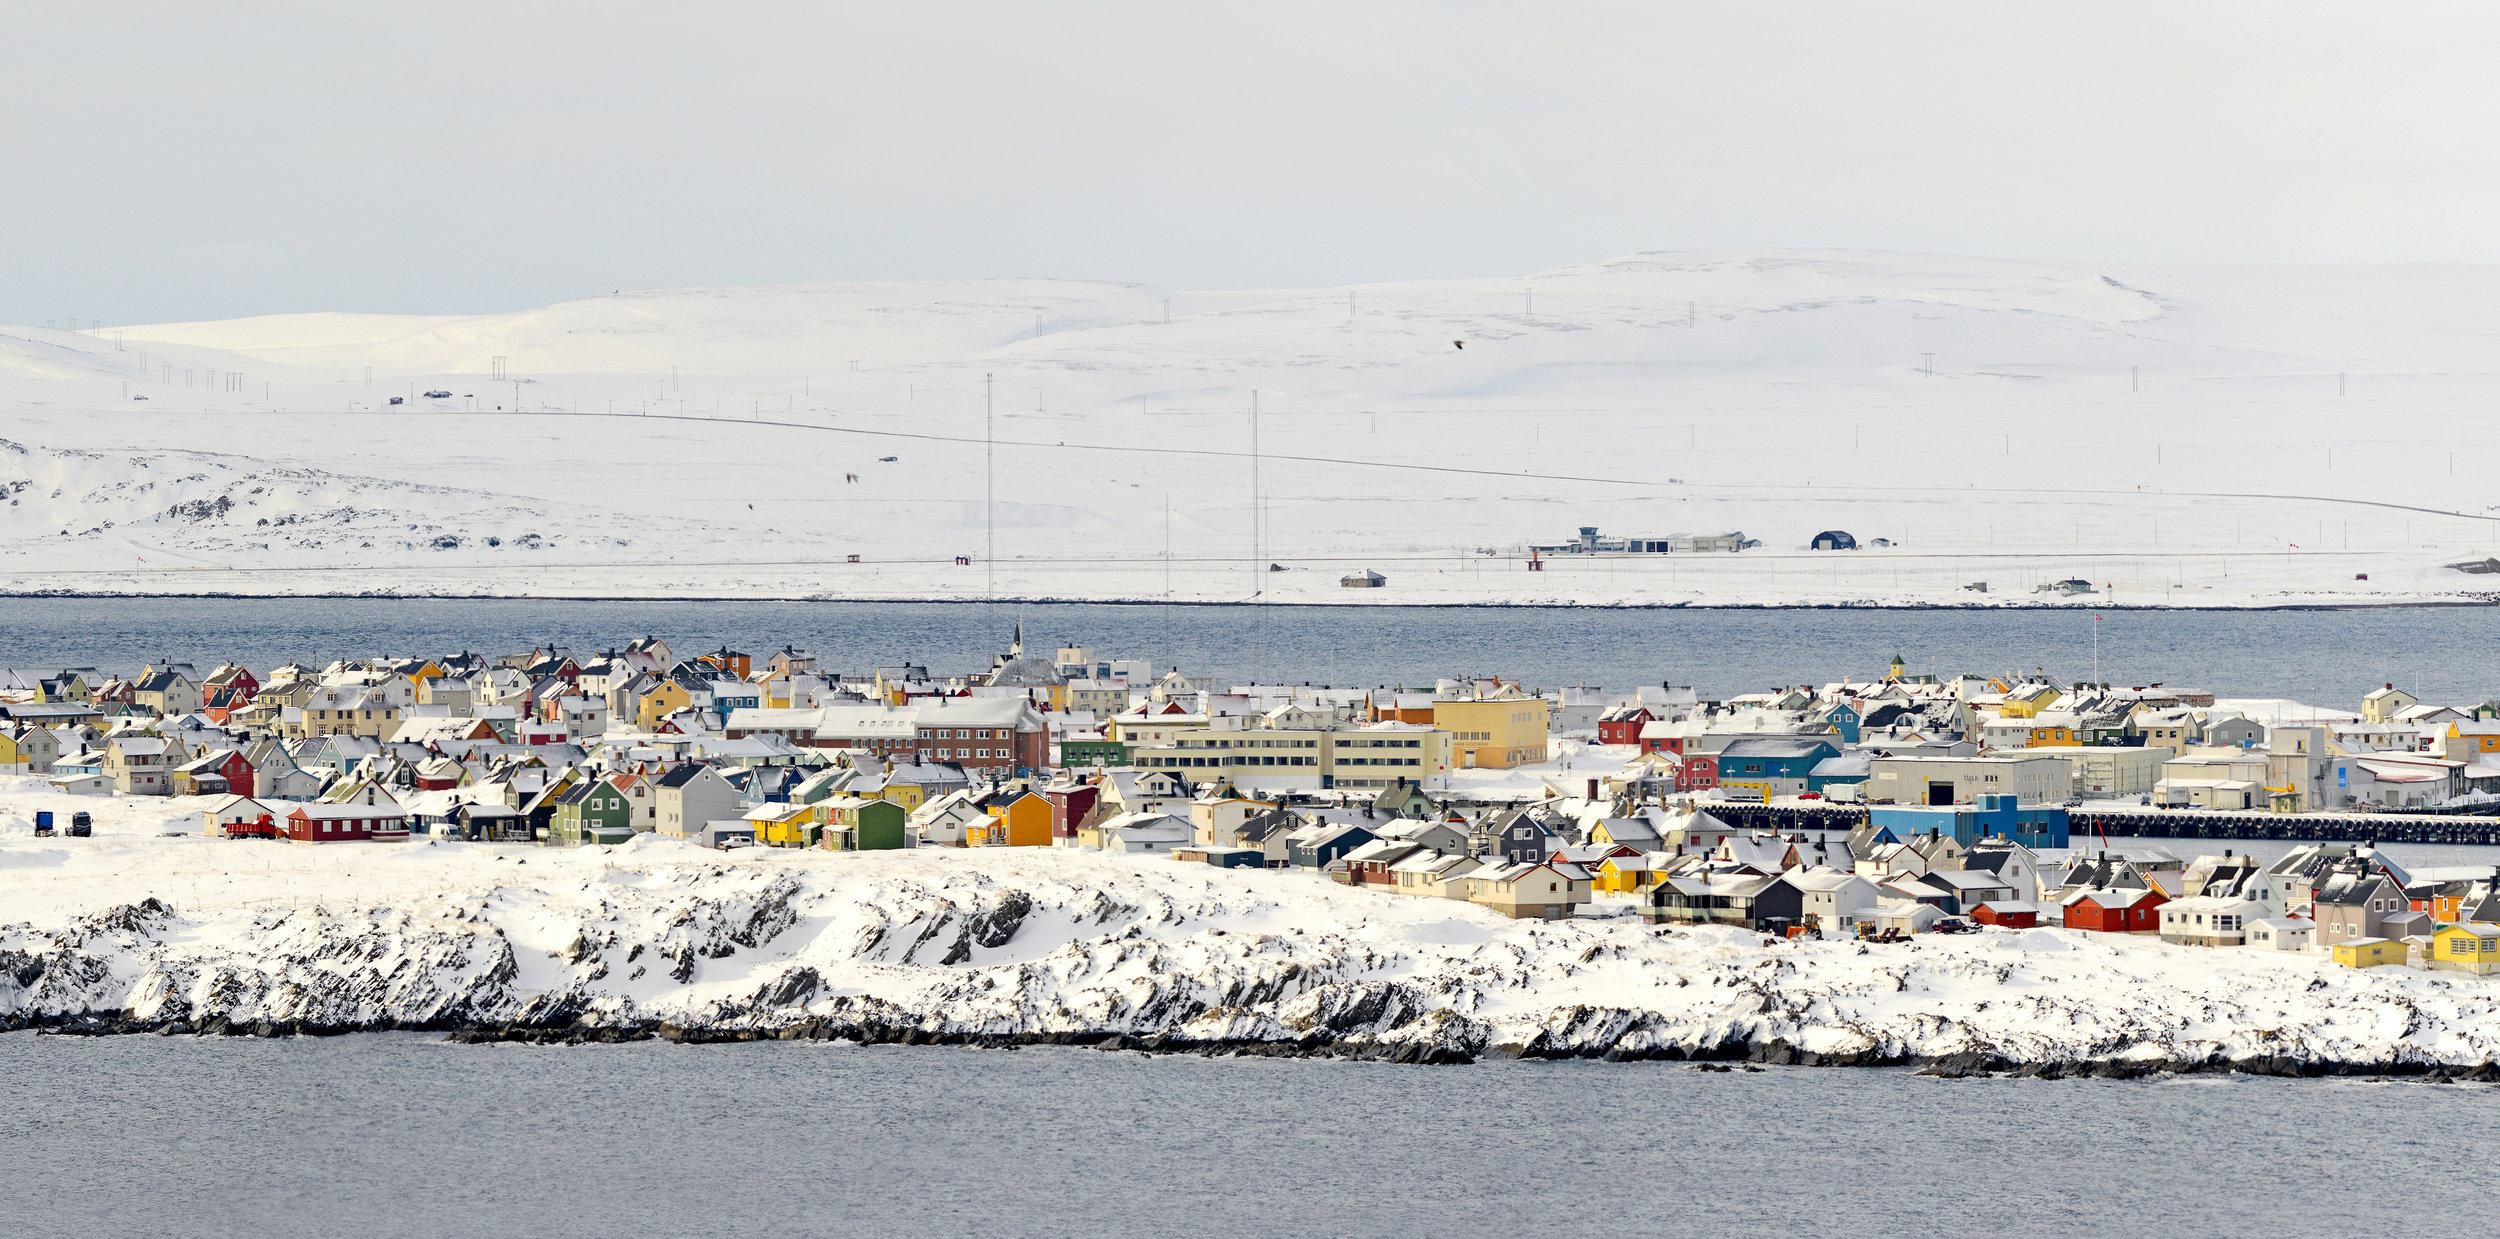 Vardø by sett fra Hornøya fuglefjell. Vardø i mars: Fuglefjellet yrer av liv, og den fargerike byen i det snøhvite arktiske landskapet må oppleves.